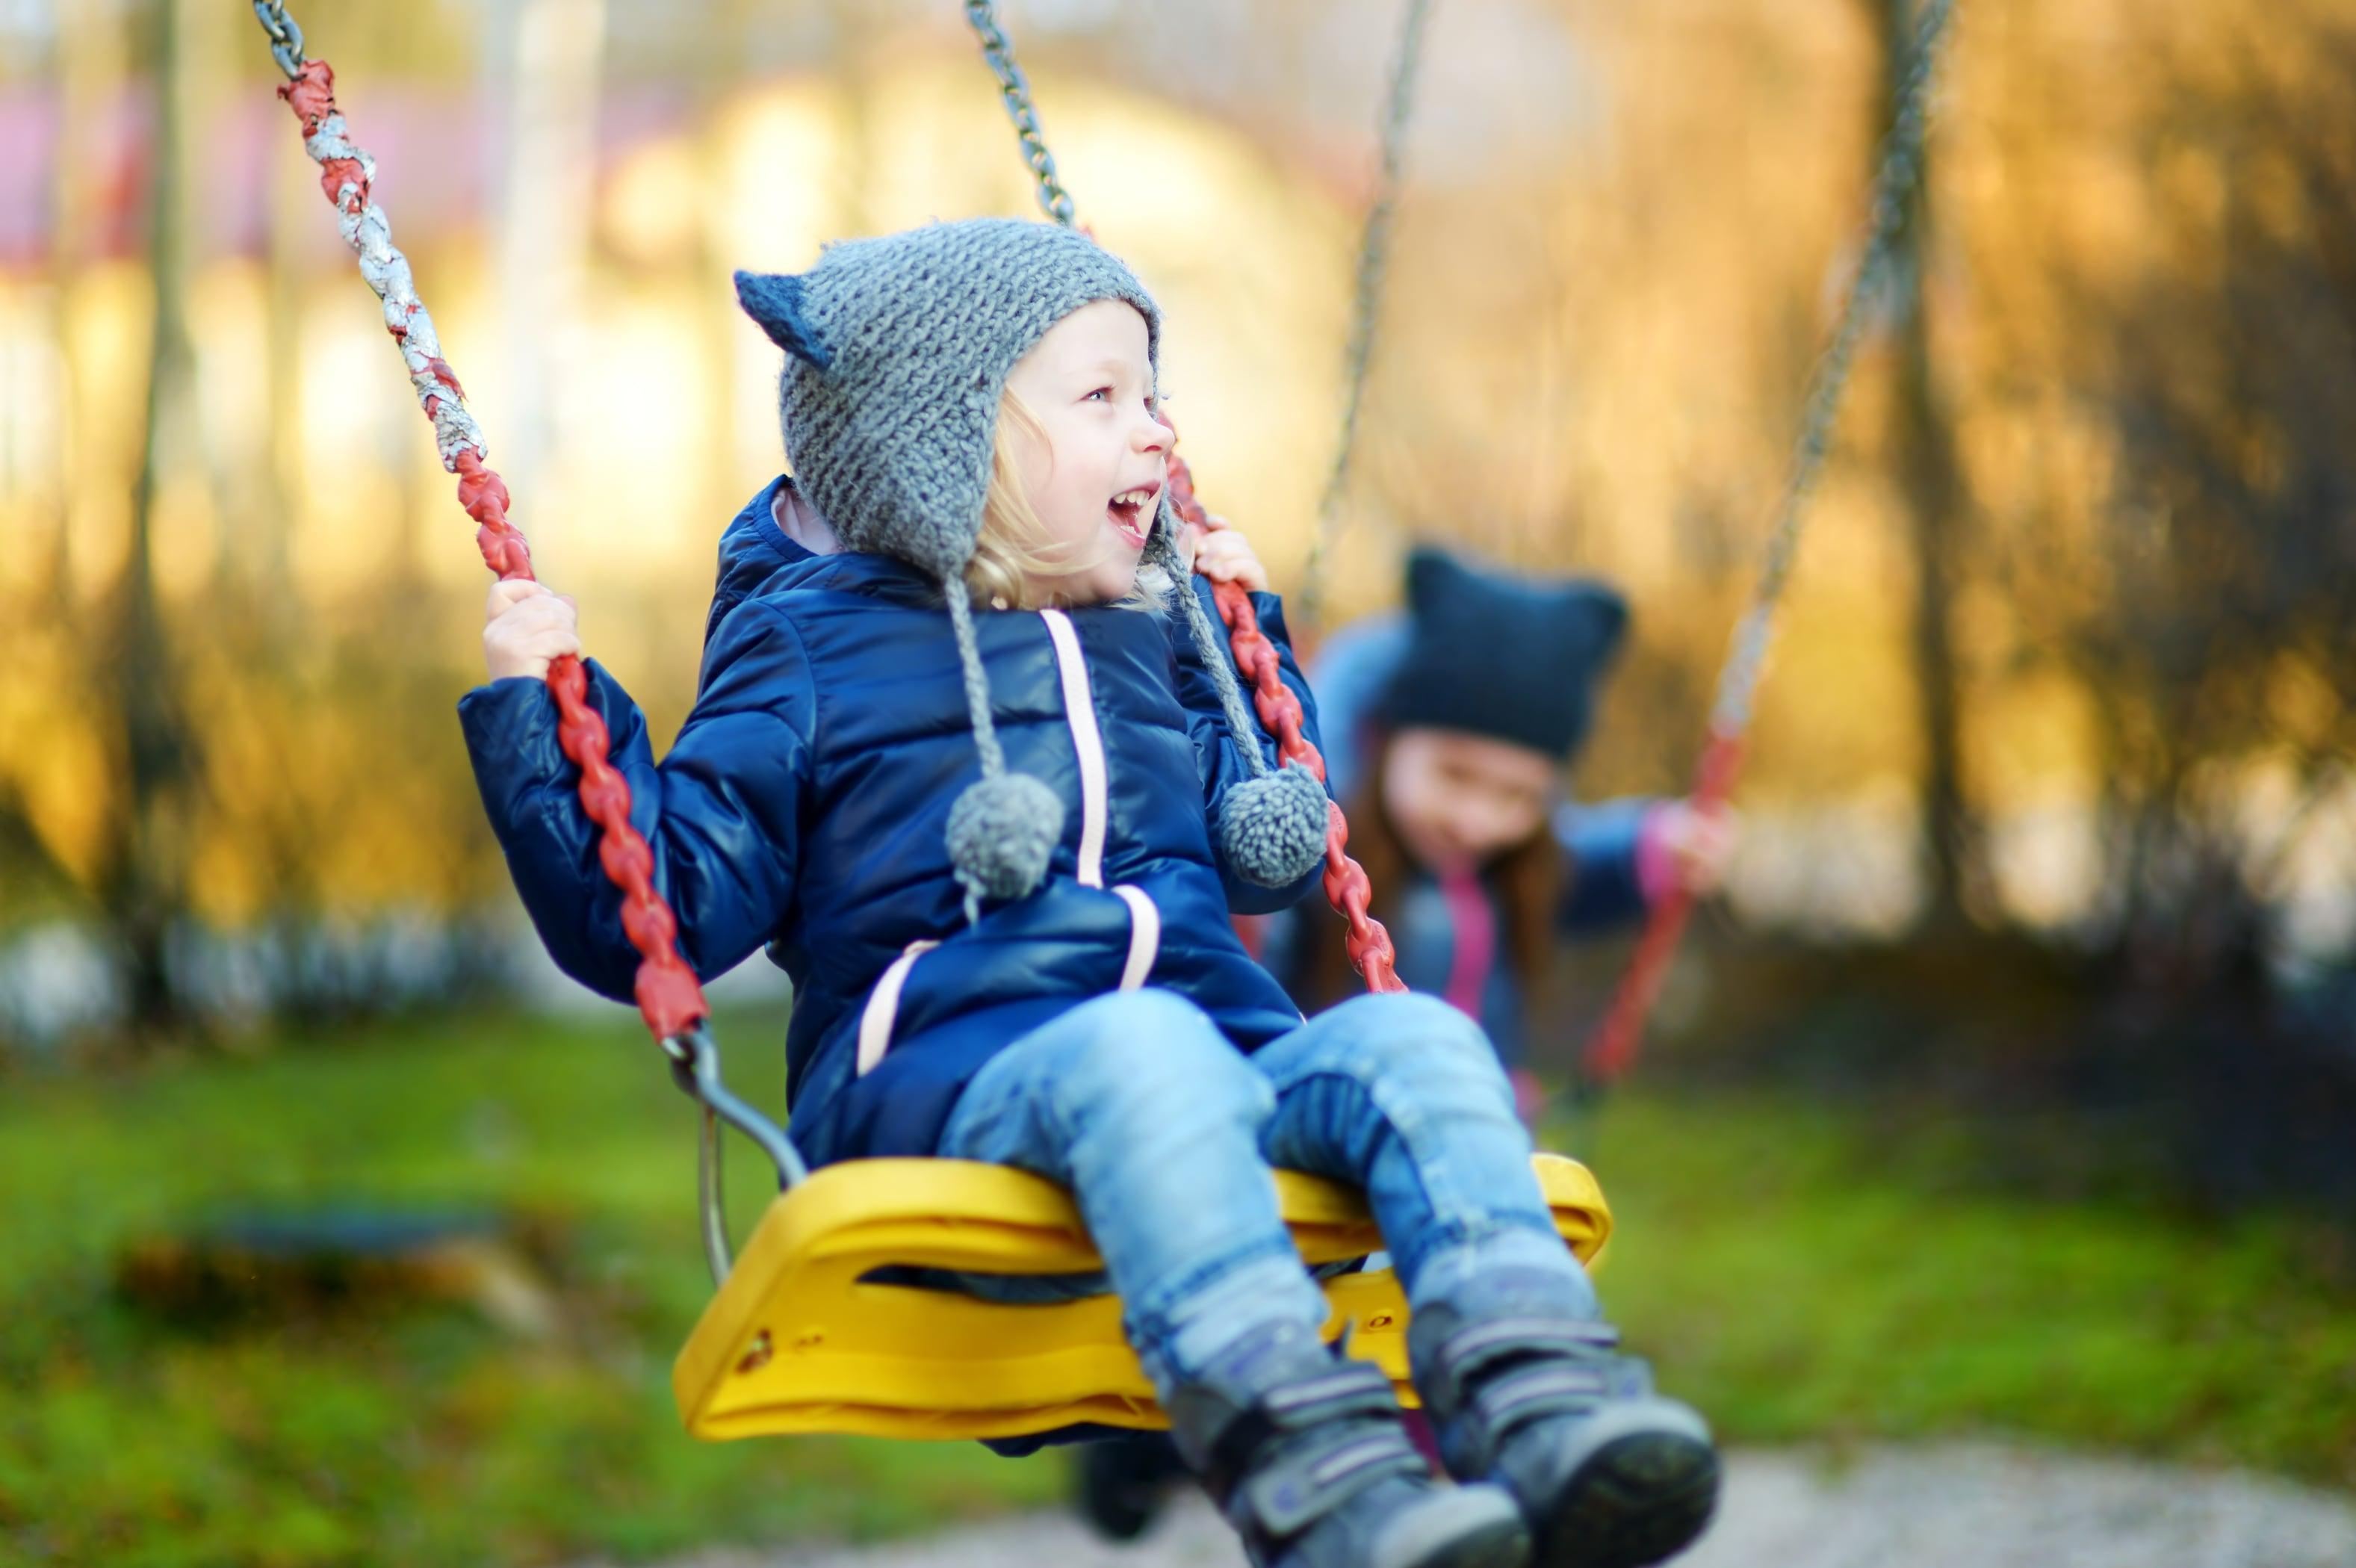 Protetto: Giocare all'aria aperta fa bene, in tutte le stagioni